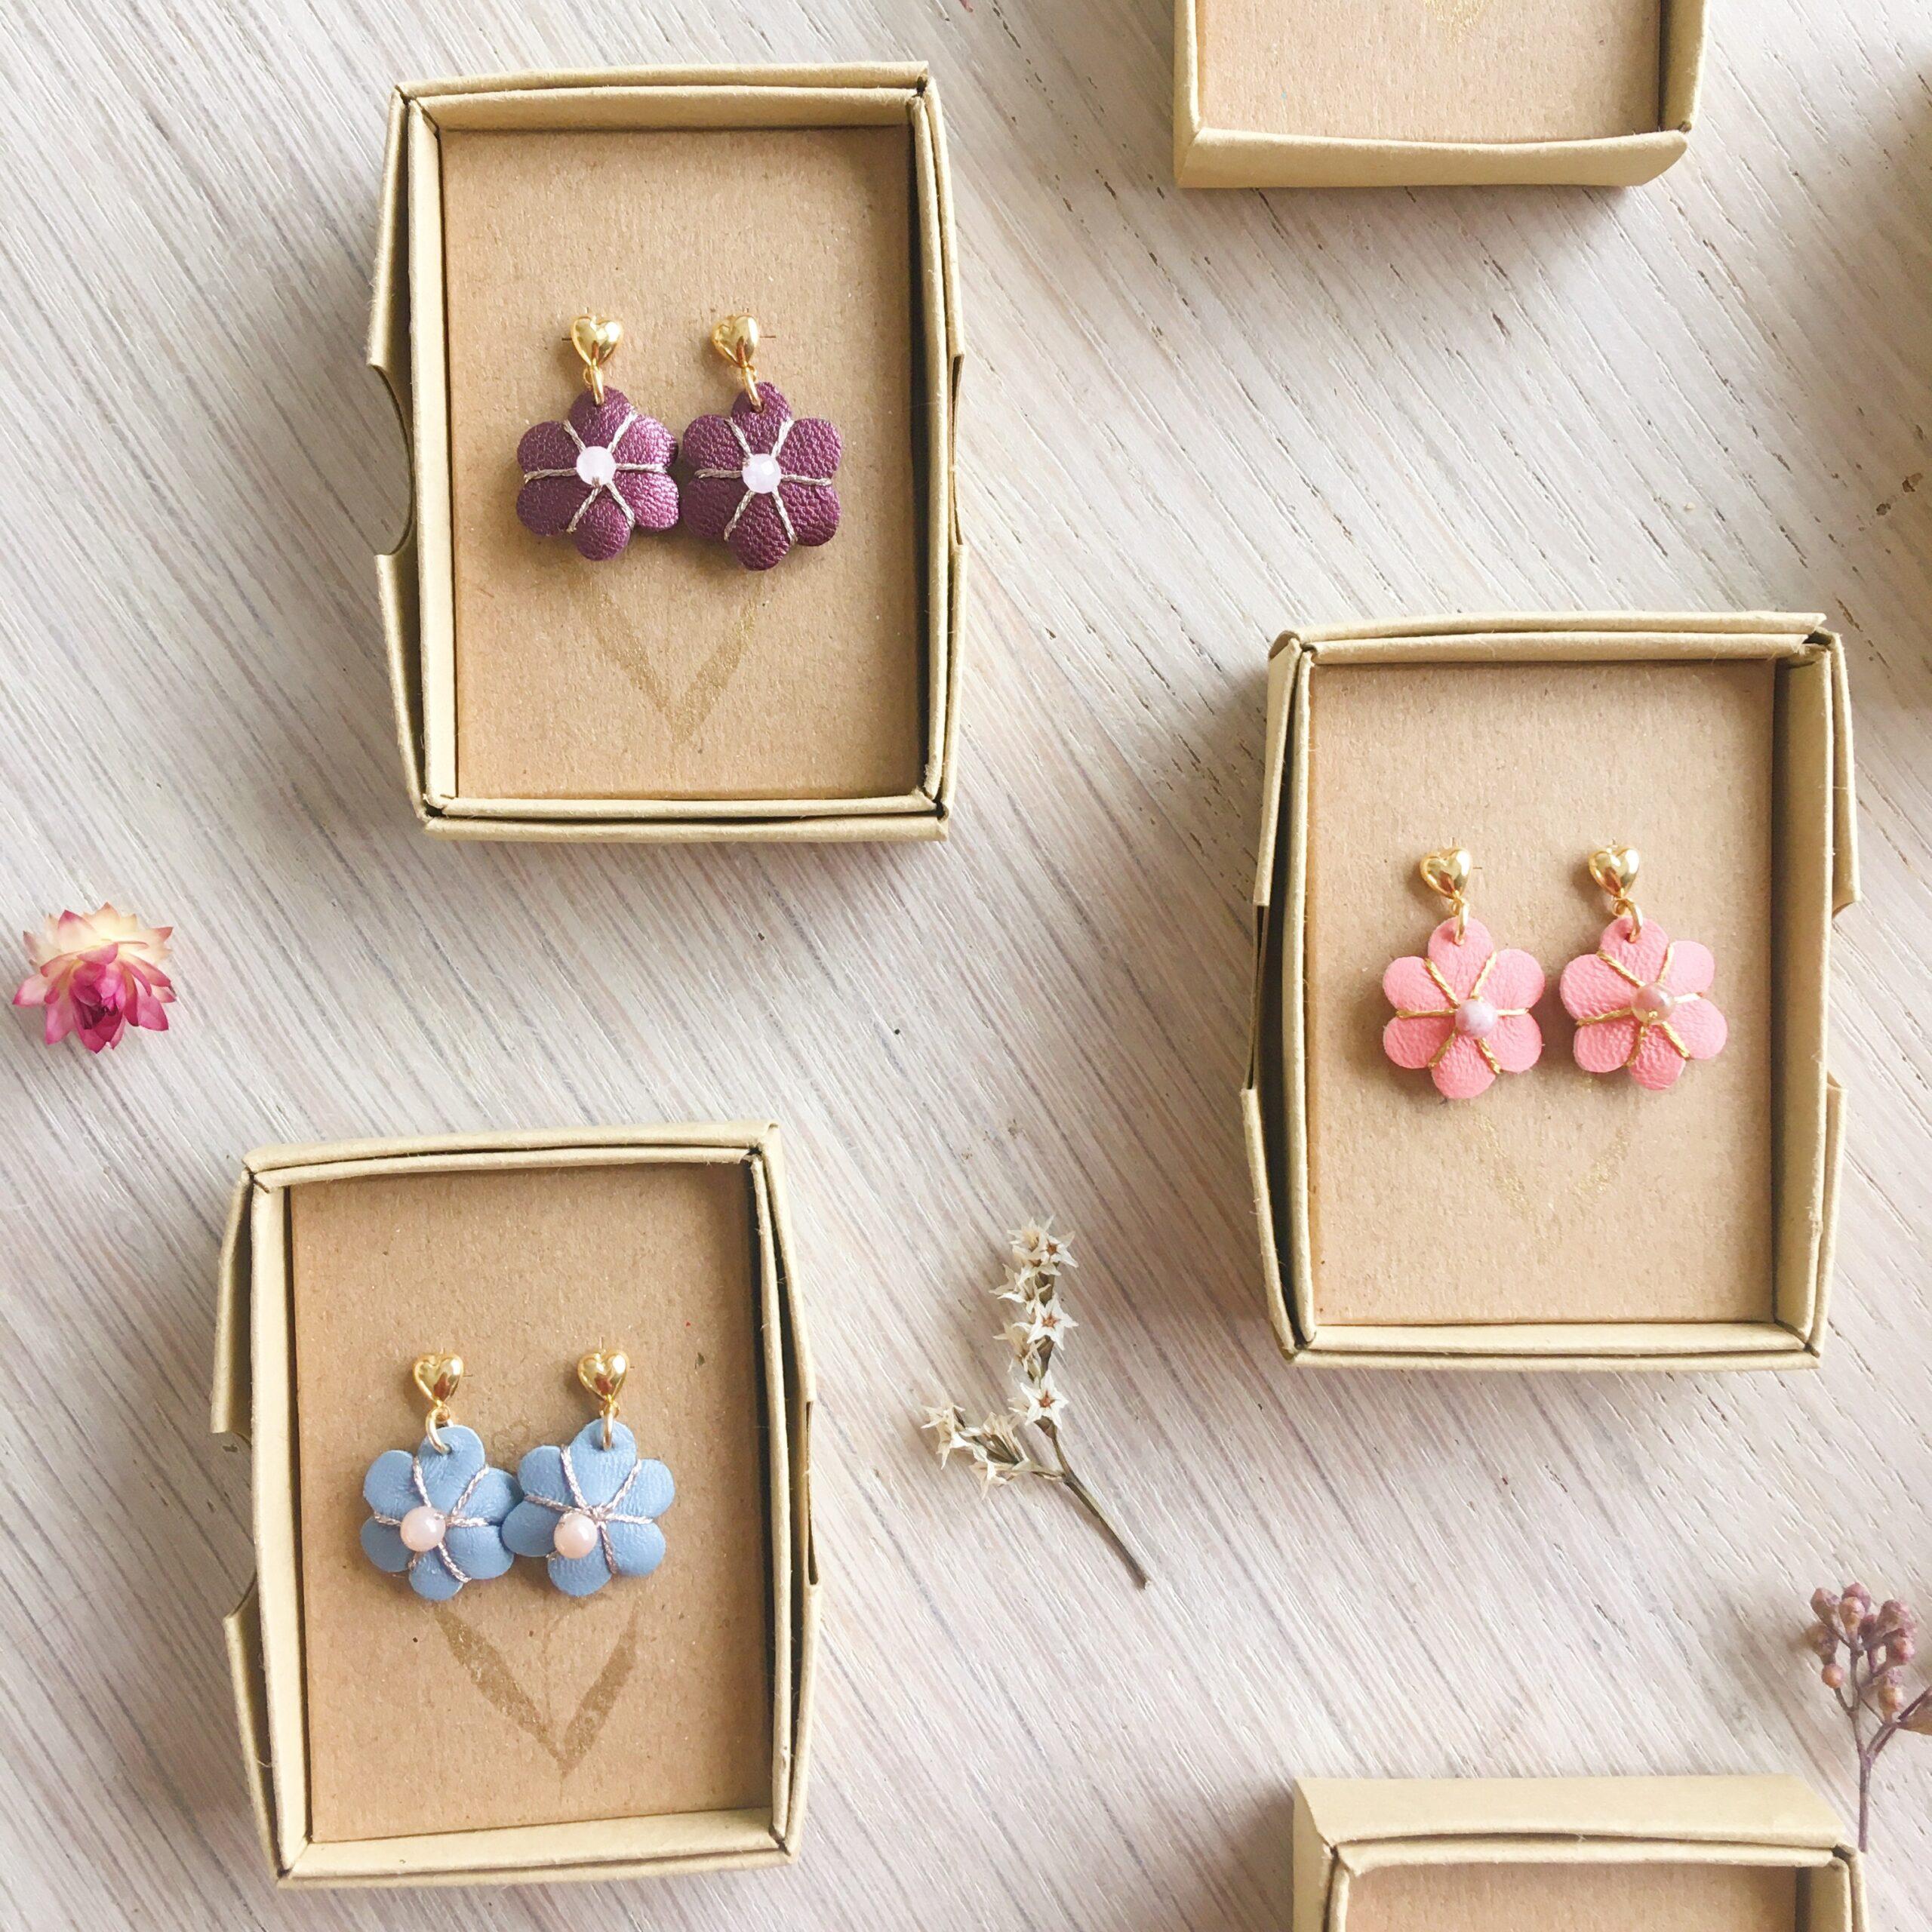 puces d'oreilles coeur doré à l'or fin et fleur en cuir brodée main made in France avec pierre fine - du vent dans mes valises